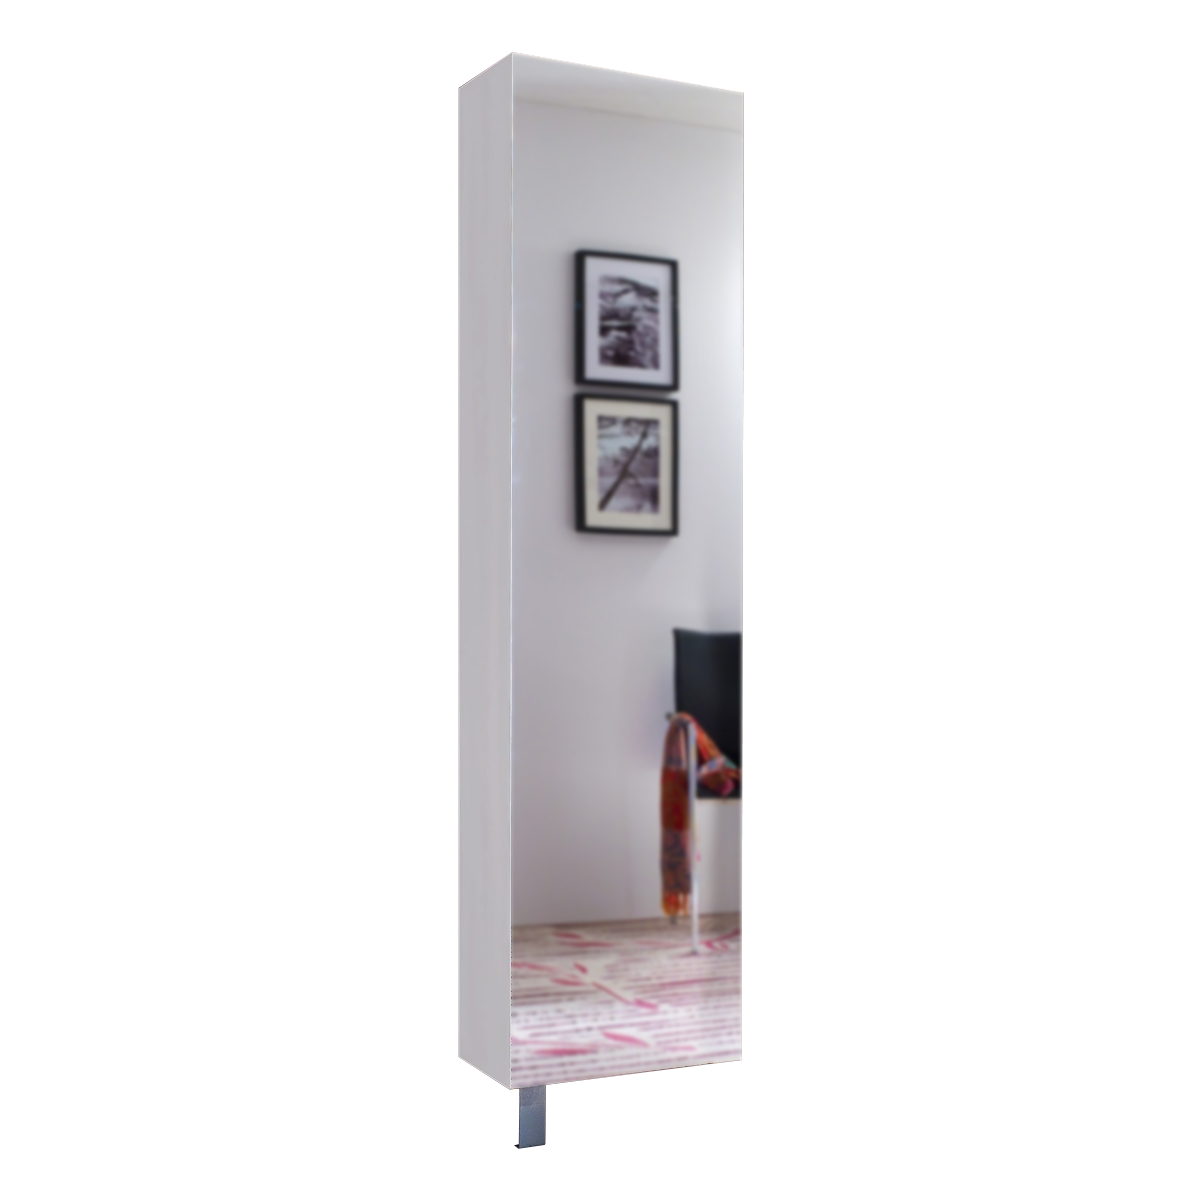 Mäusbacher Woody Schuhschrank 0971sp Drehbar Mit Spiegelfront Und 10 Verstellbaren Einlegeböden Für Ihren Flur Dekor Weiß Matt